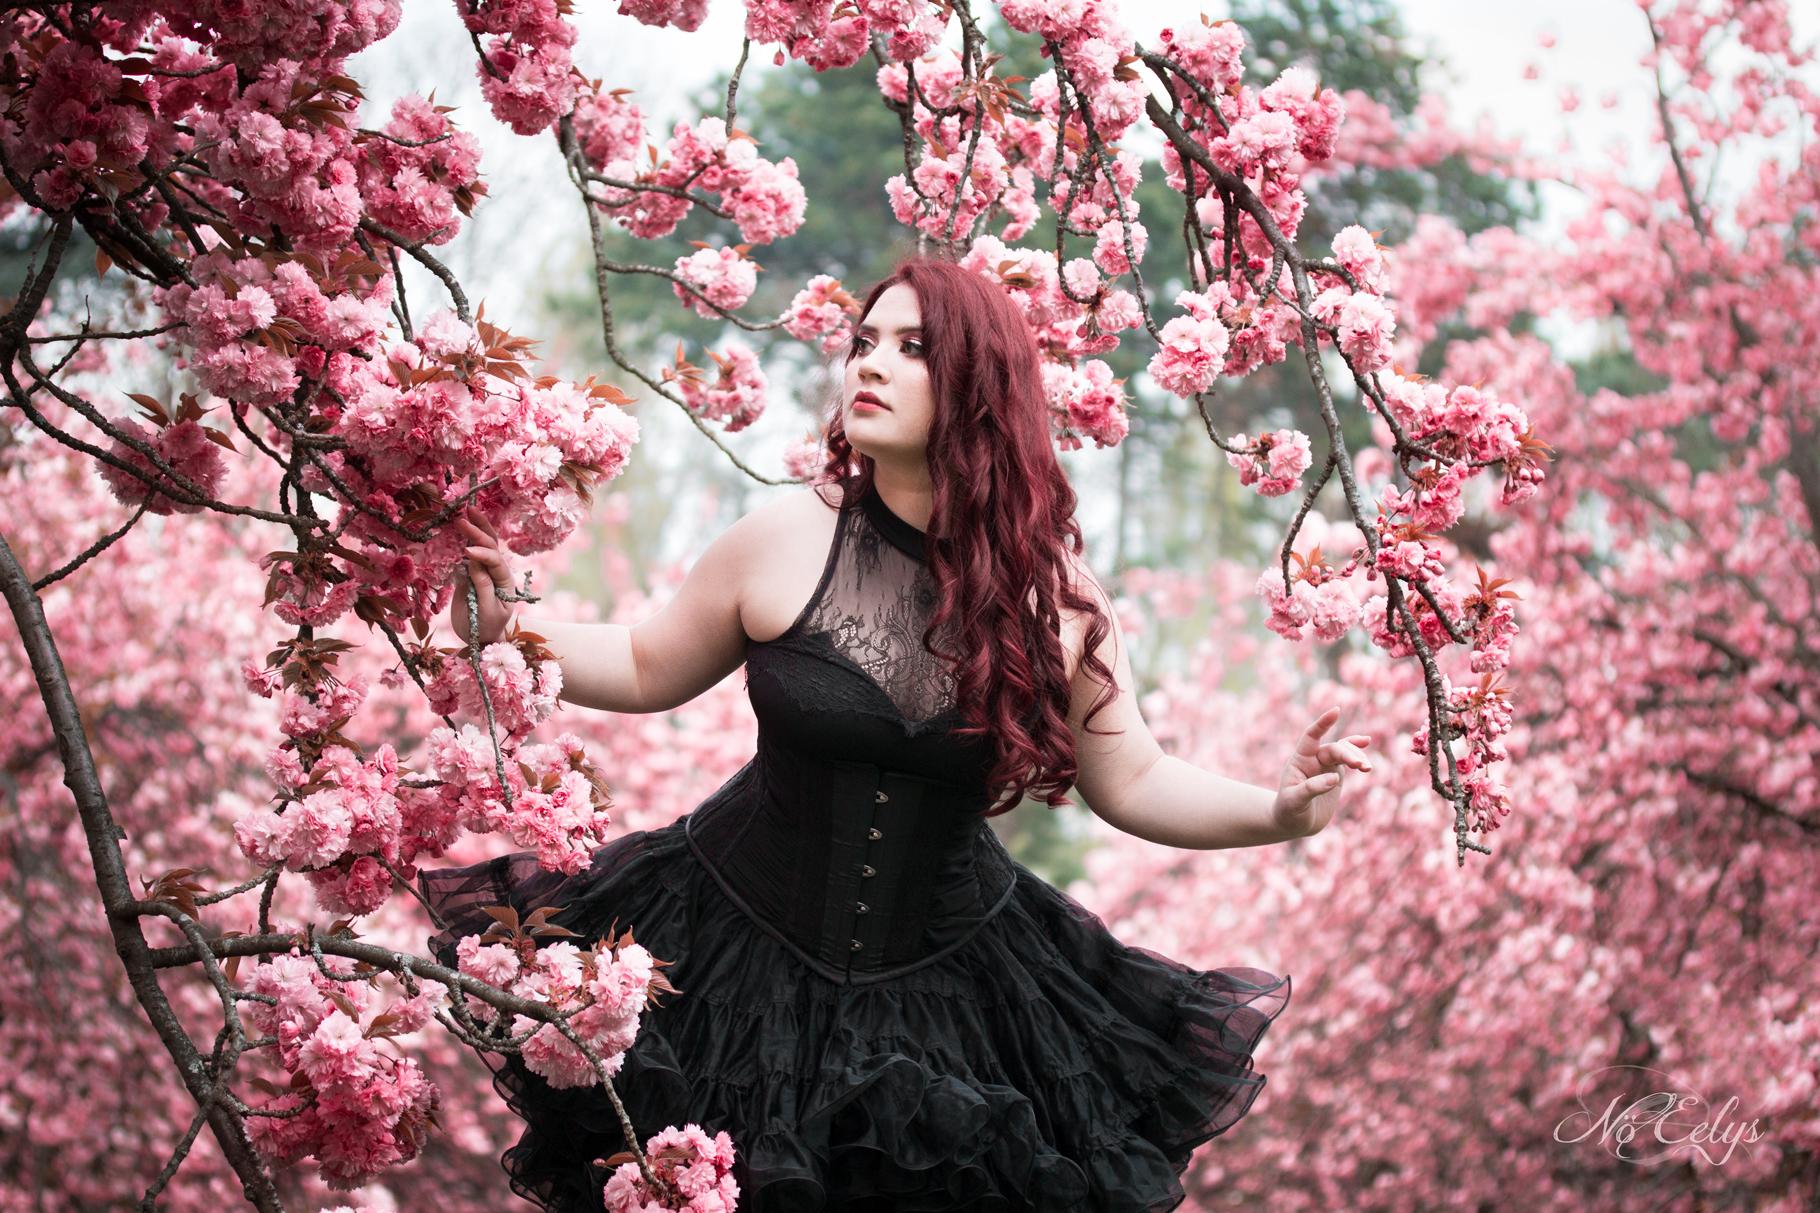 Portrait doux et romantique avec jupon et corset noirs et fleurs de cerisiers, modèle alternative Findelë's Secrets, photographe Nö Eelys, maquillage par Le Boudoir de Nö